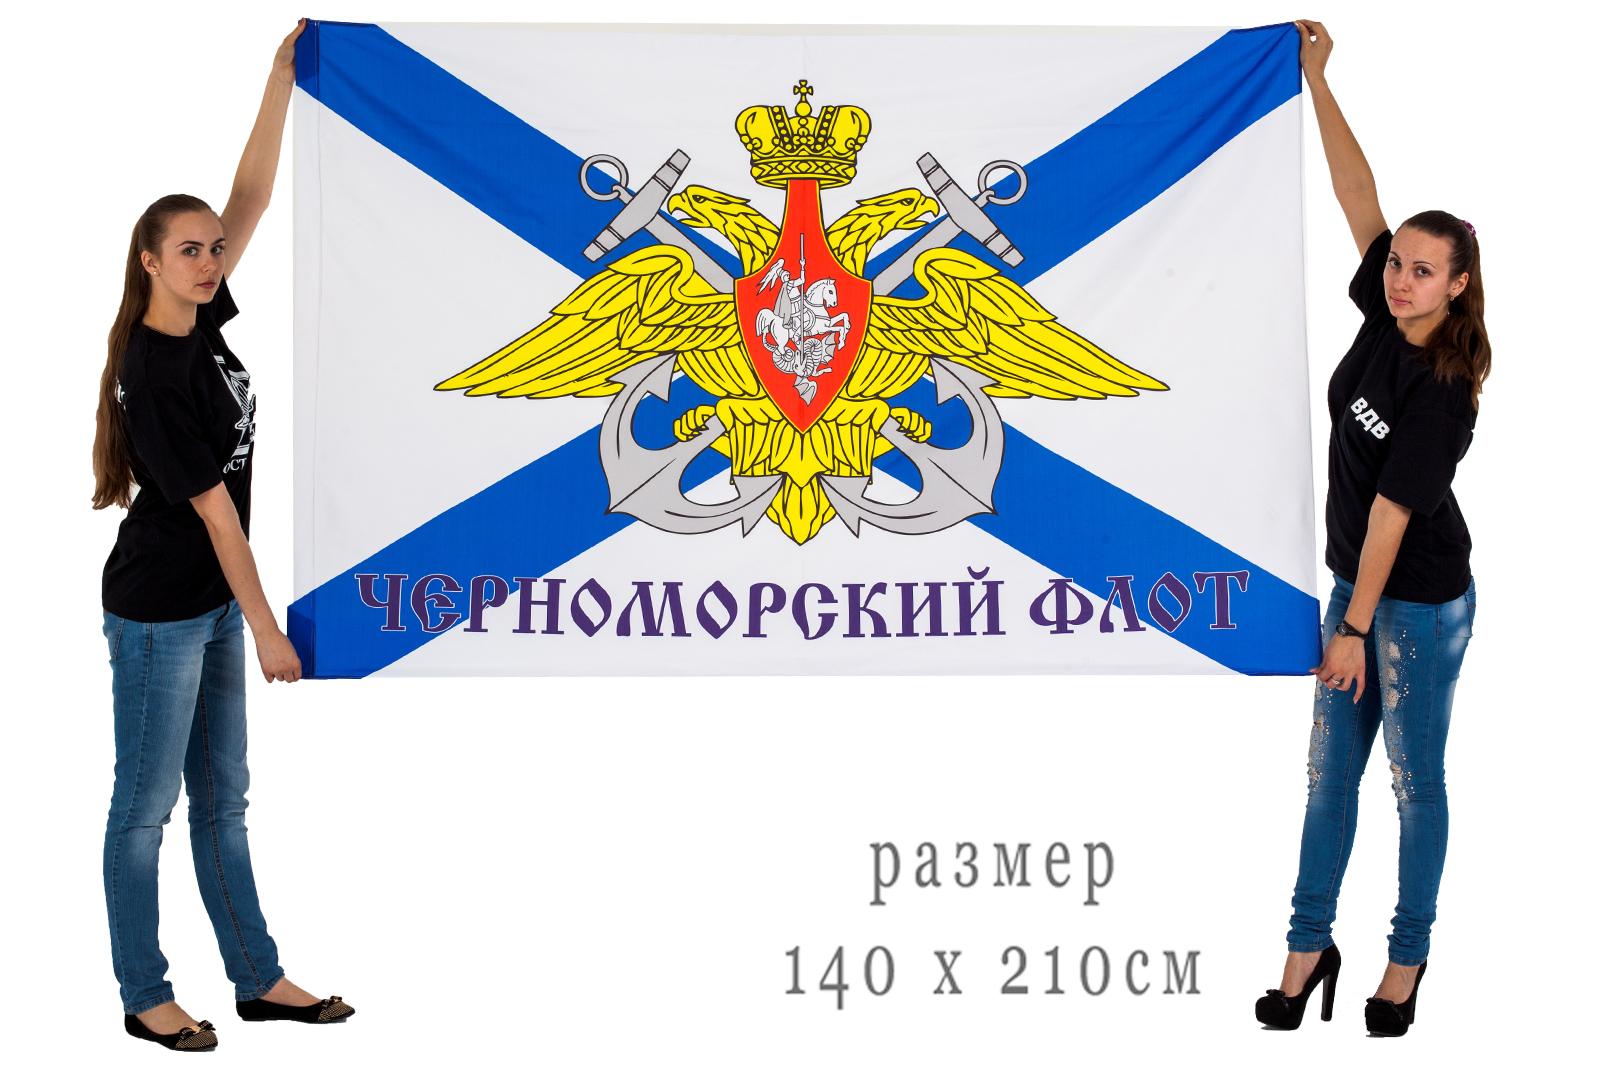 Купить флаг Черноморского флота России